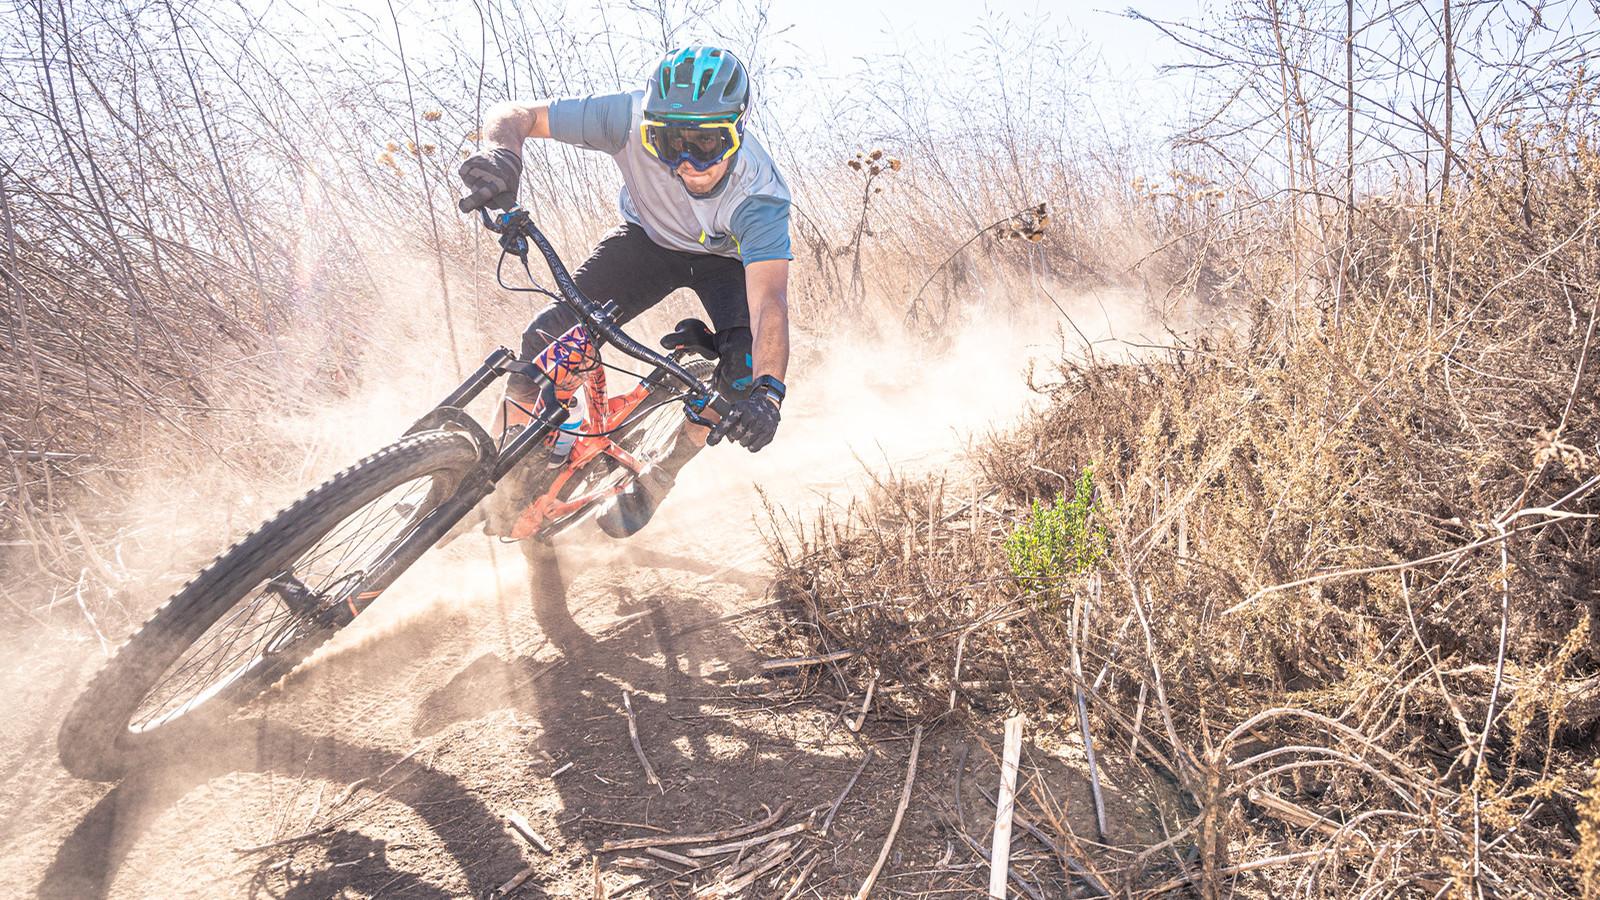 Ride Bikes, Raise Money and a Raffle - El Dia De Los Enduros Charity Ride 2019